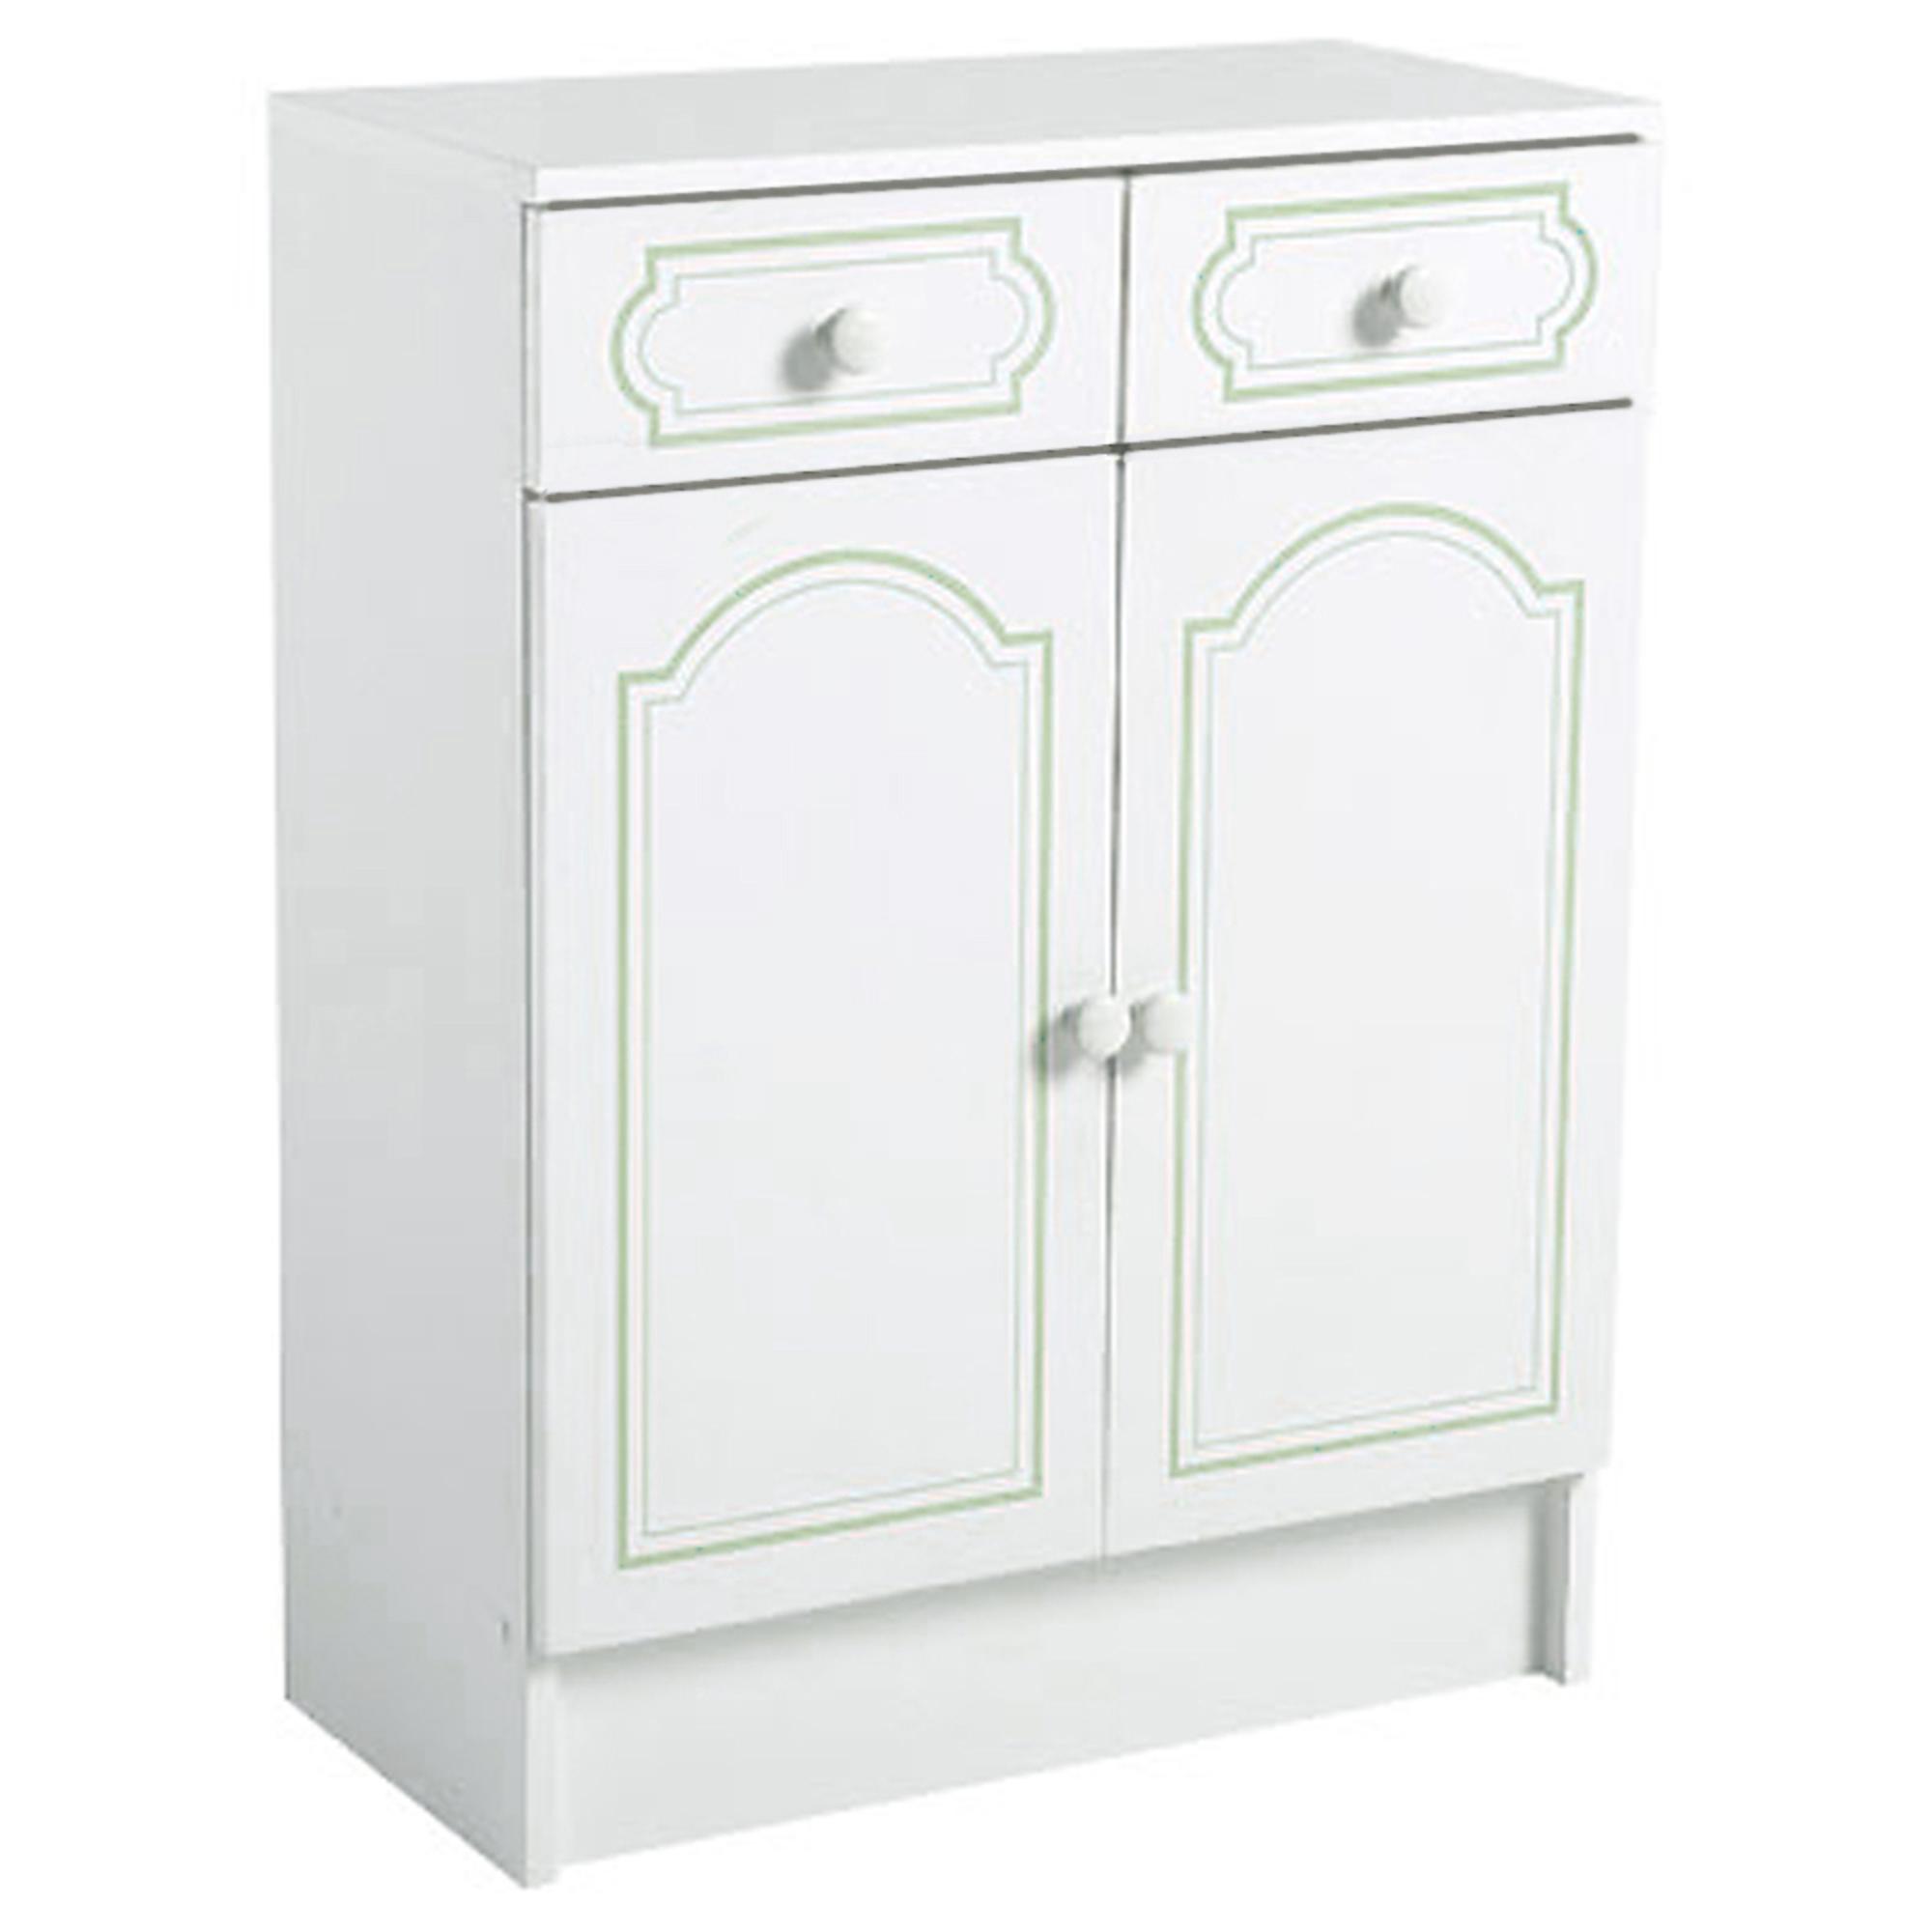 Meuble bas 2 portes 2 tiroirs salle de bain belle ile for Meuble de l eau d heure